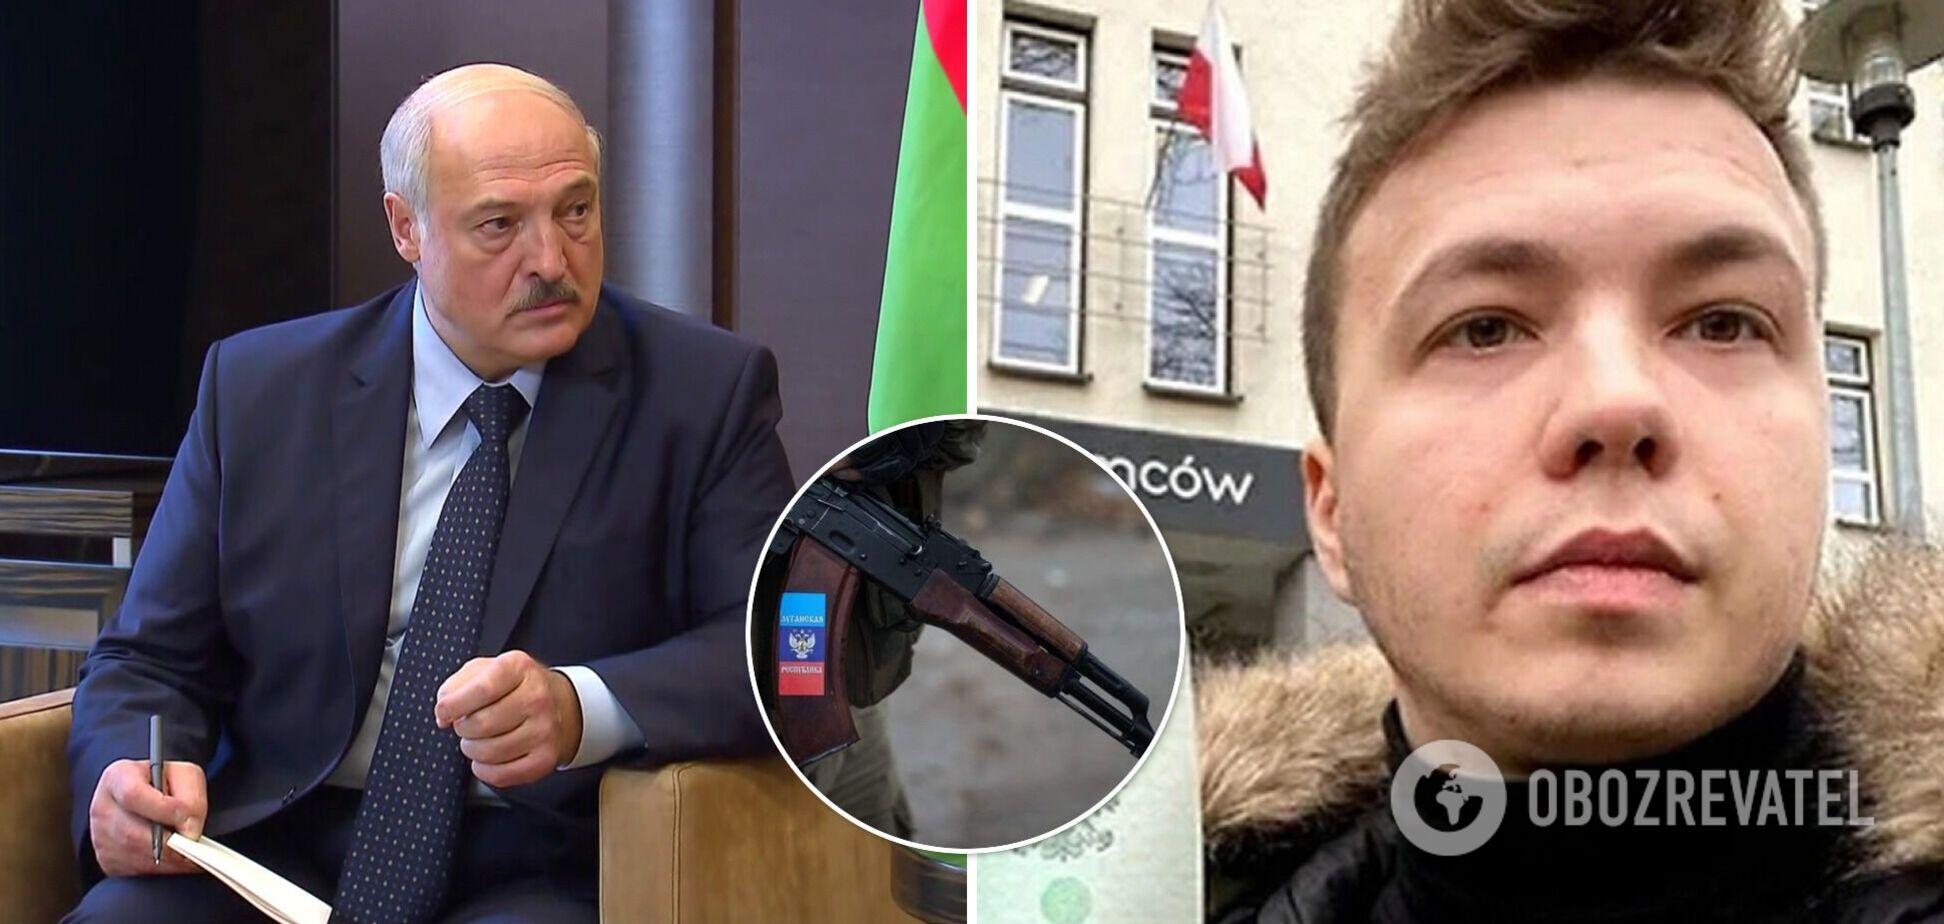 Лукашенко заявил, что Протасевичу грозит смертная казнь